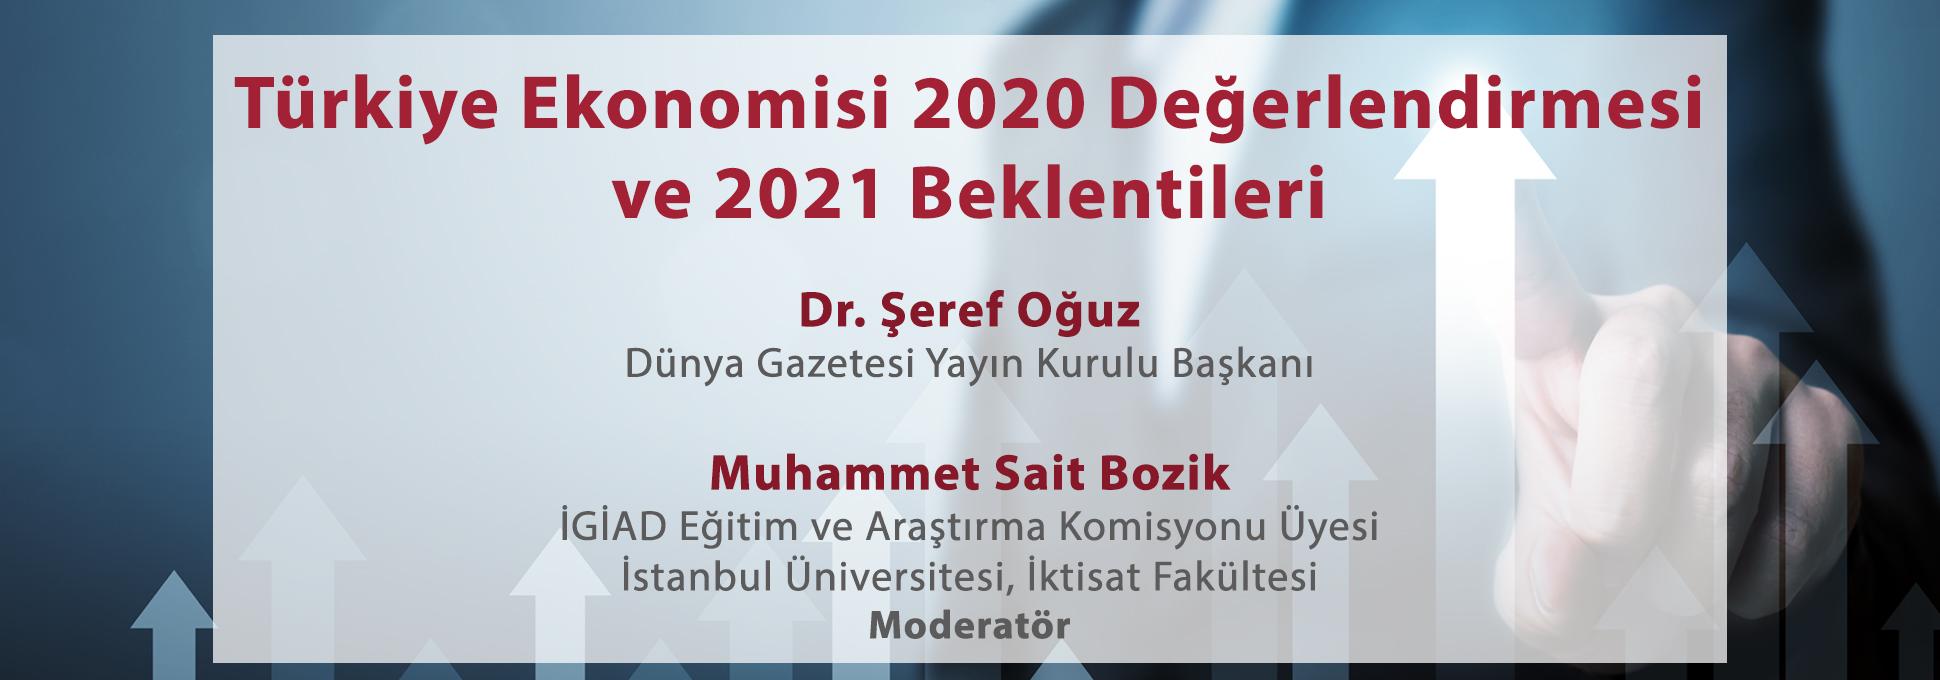 Türkiye Ekonomisi 2020 Değerlendirmesi ve 2021 Beklentileri